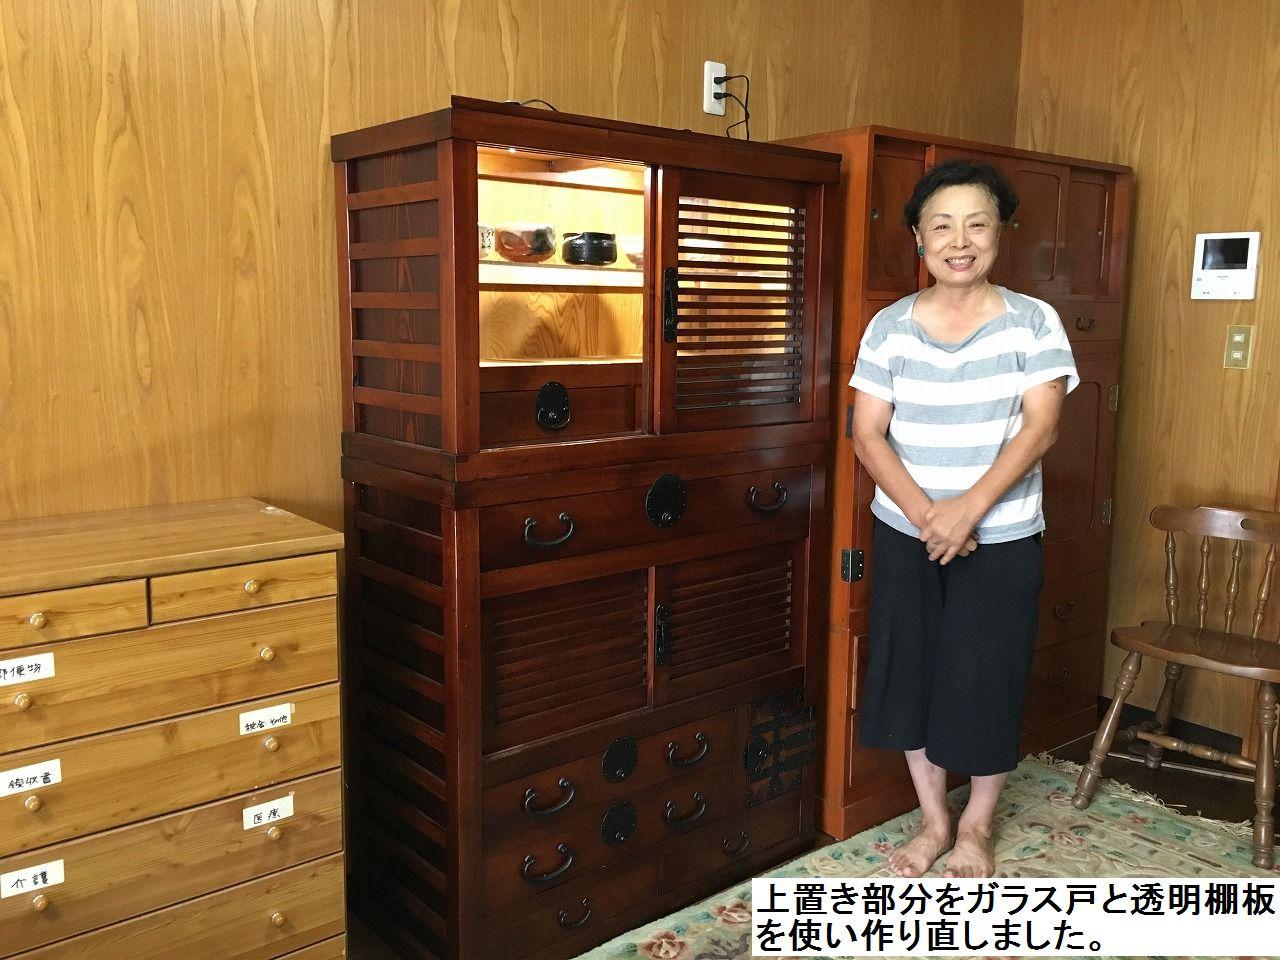 豊田市より修理依頼を頂いた帳場箪笥です。